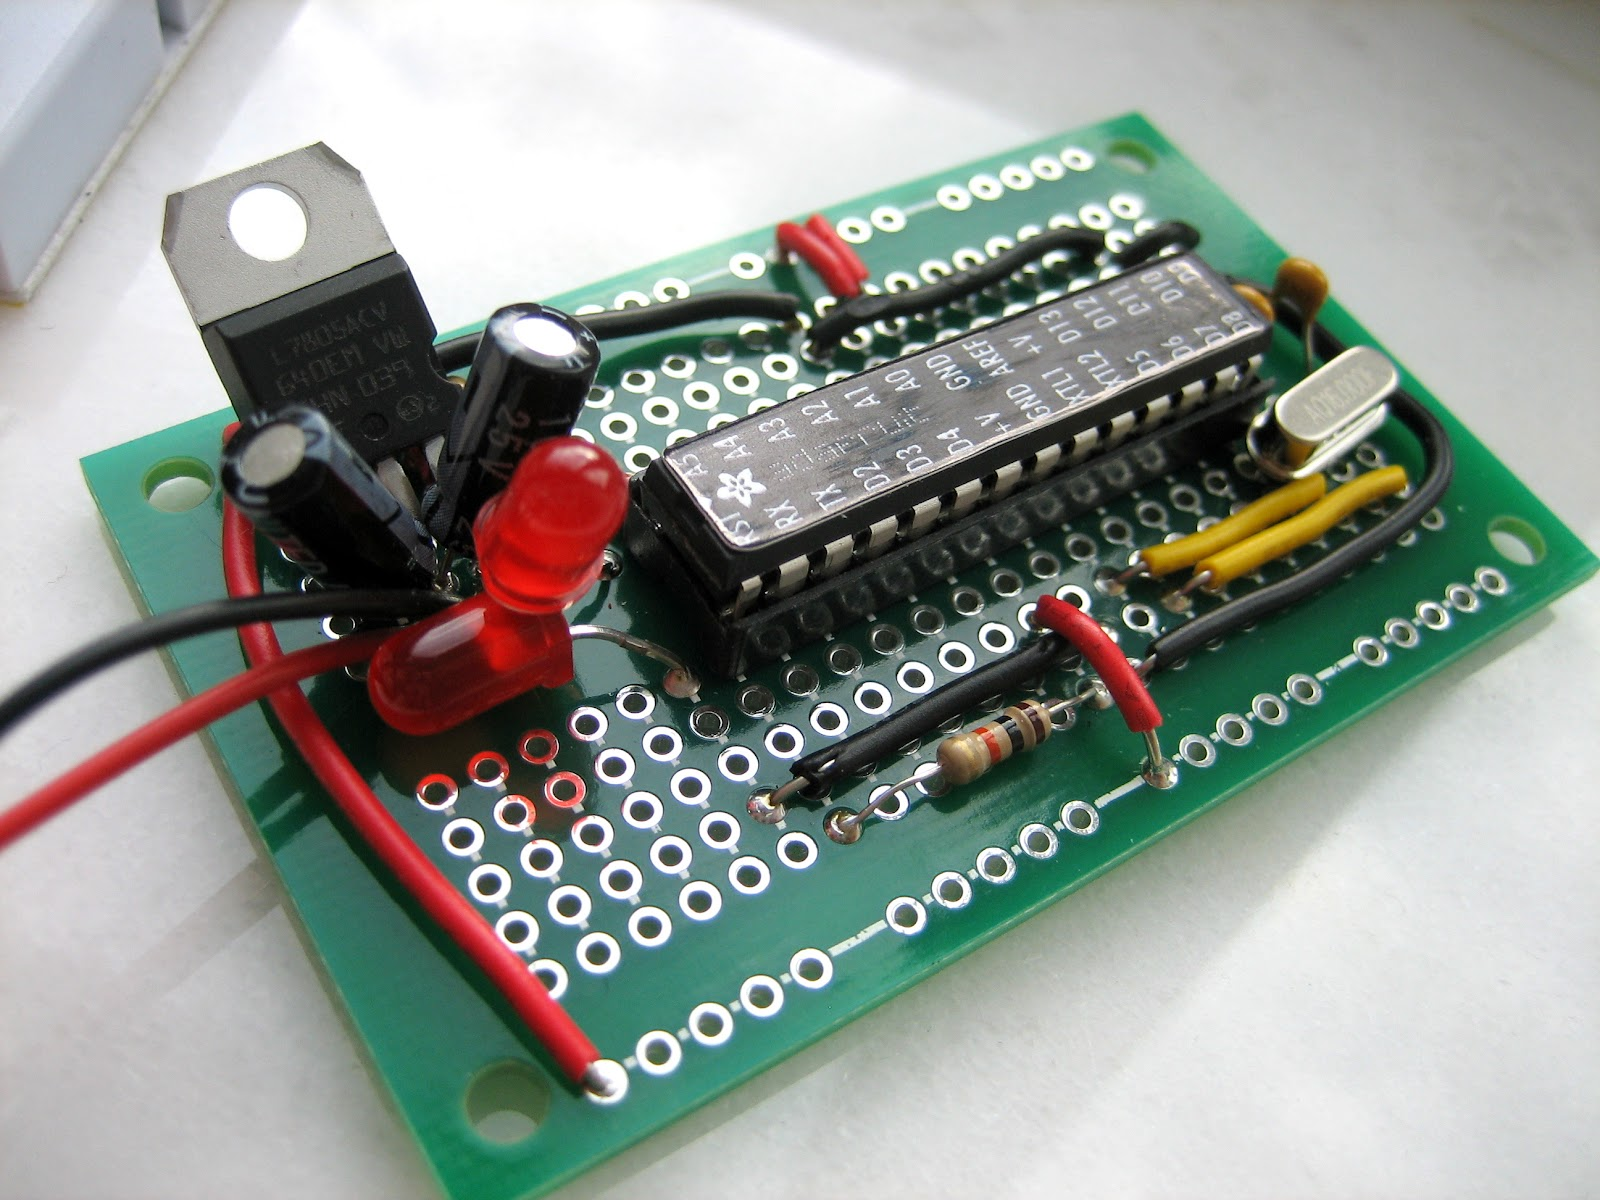 Программатор для atmega328